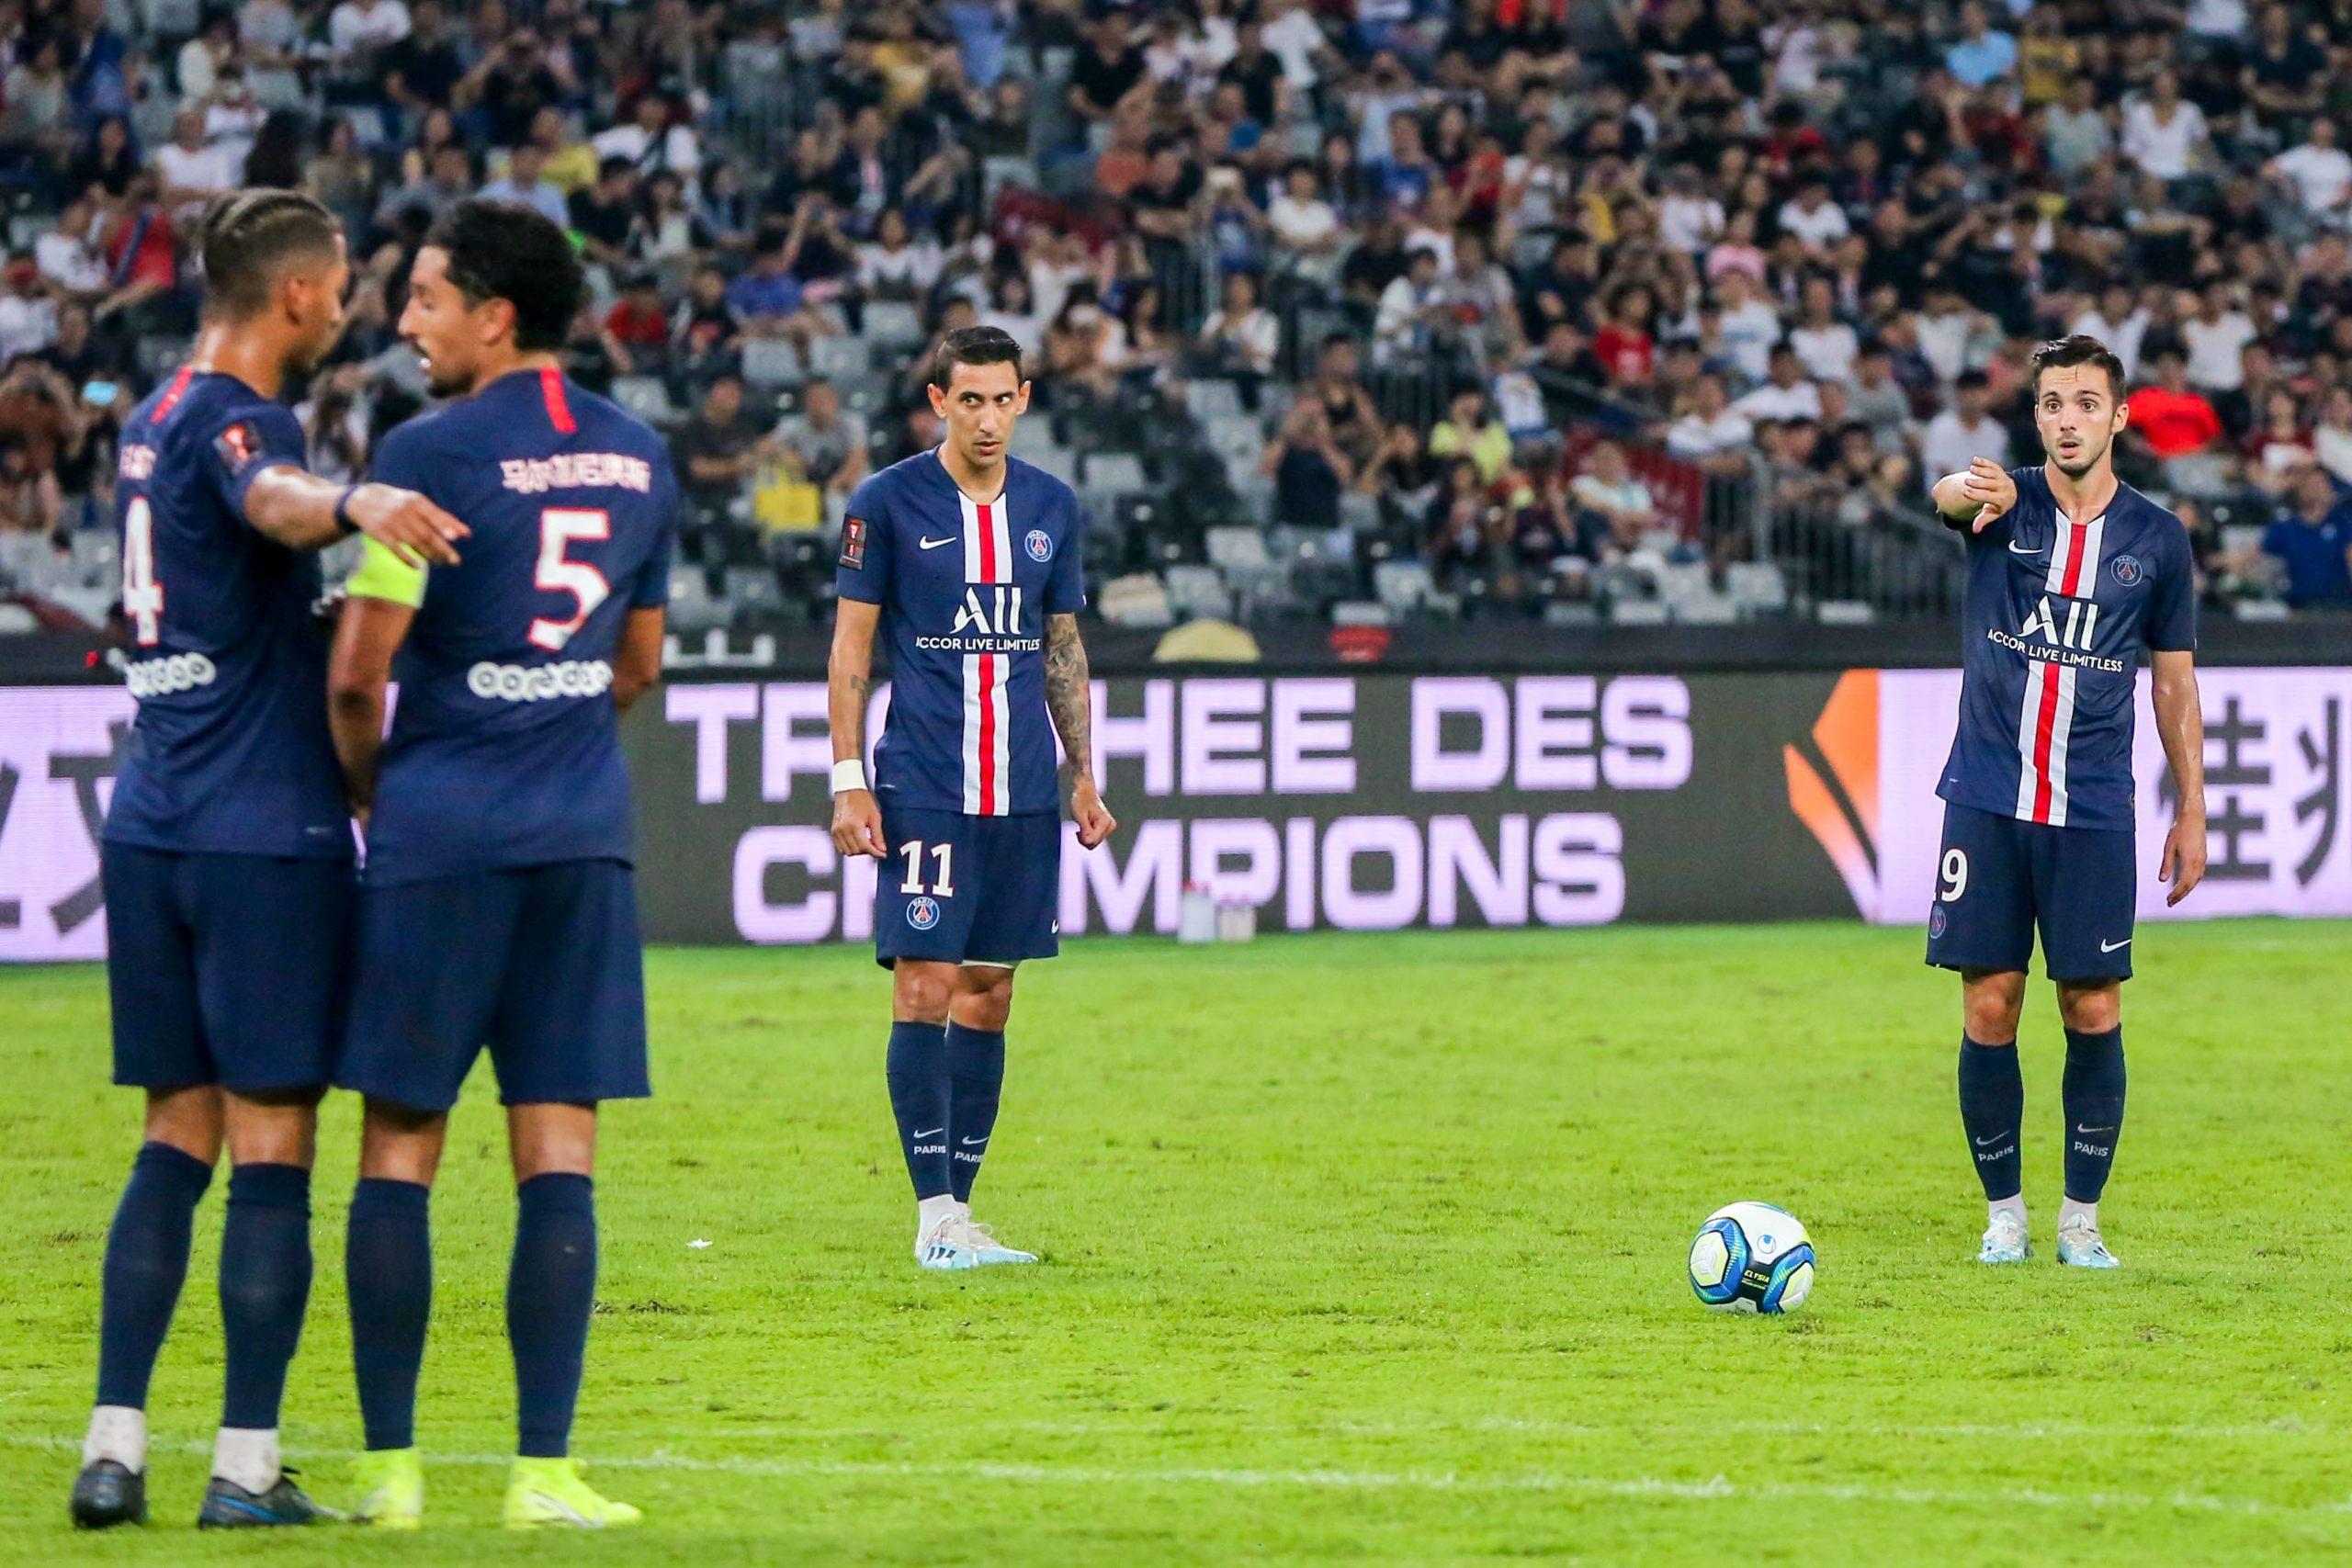 Le plus beau but du PSG cette saison, les 3 premiers matchs : le coup-franc de Di Maria contre Rennes s'impose